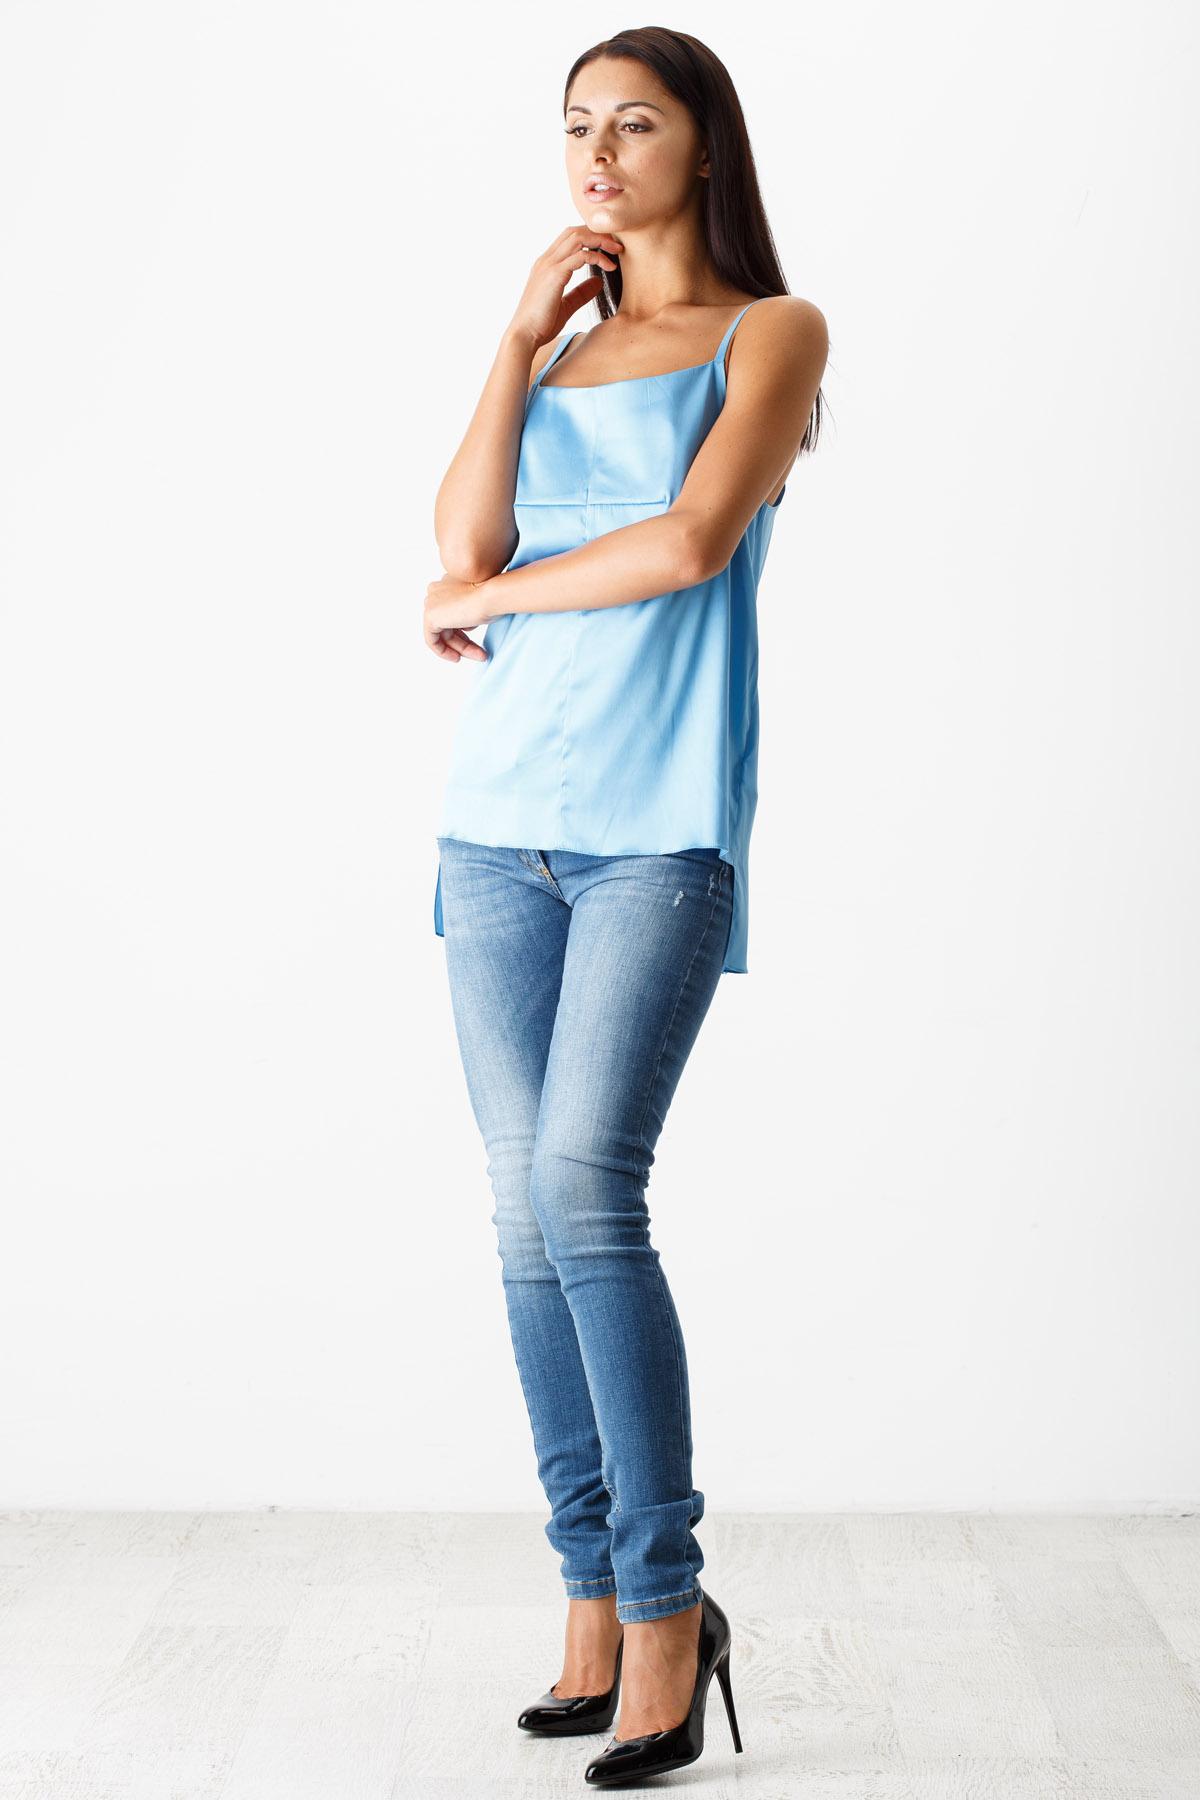 Летние джинсы для женщин (64 фото): с чем носить, тонкие и рваные, модели, модные луки и образы 2018 116